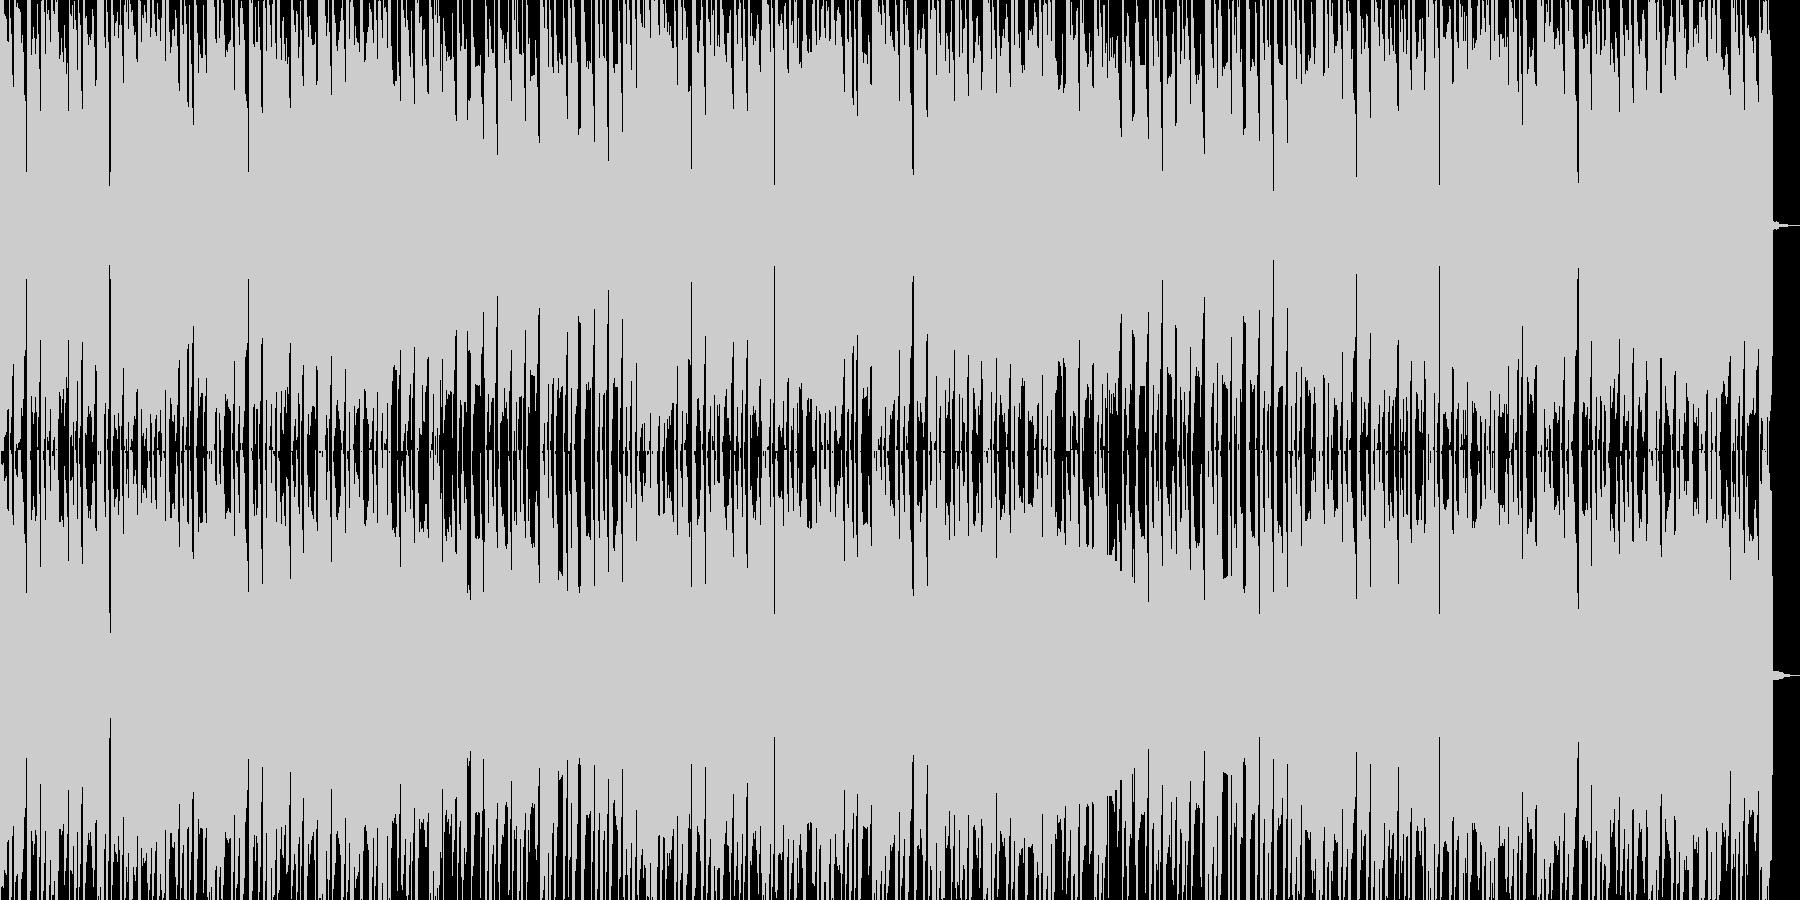 ファミコン3拍子「優雅な街」切ないの未再生の波形